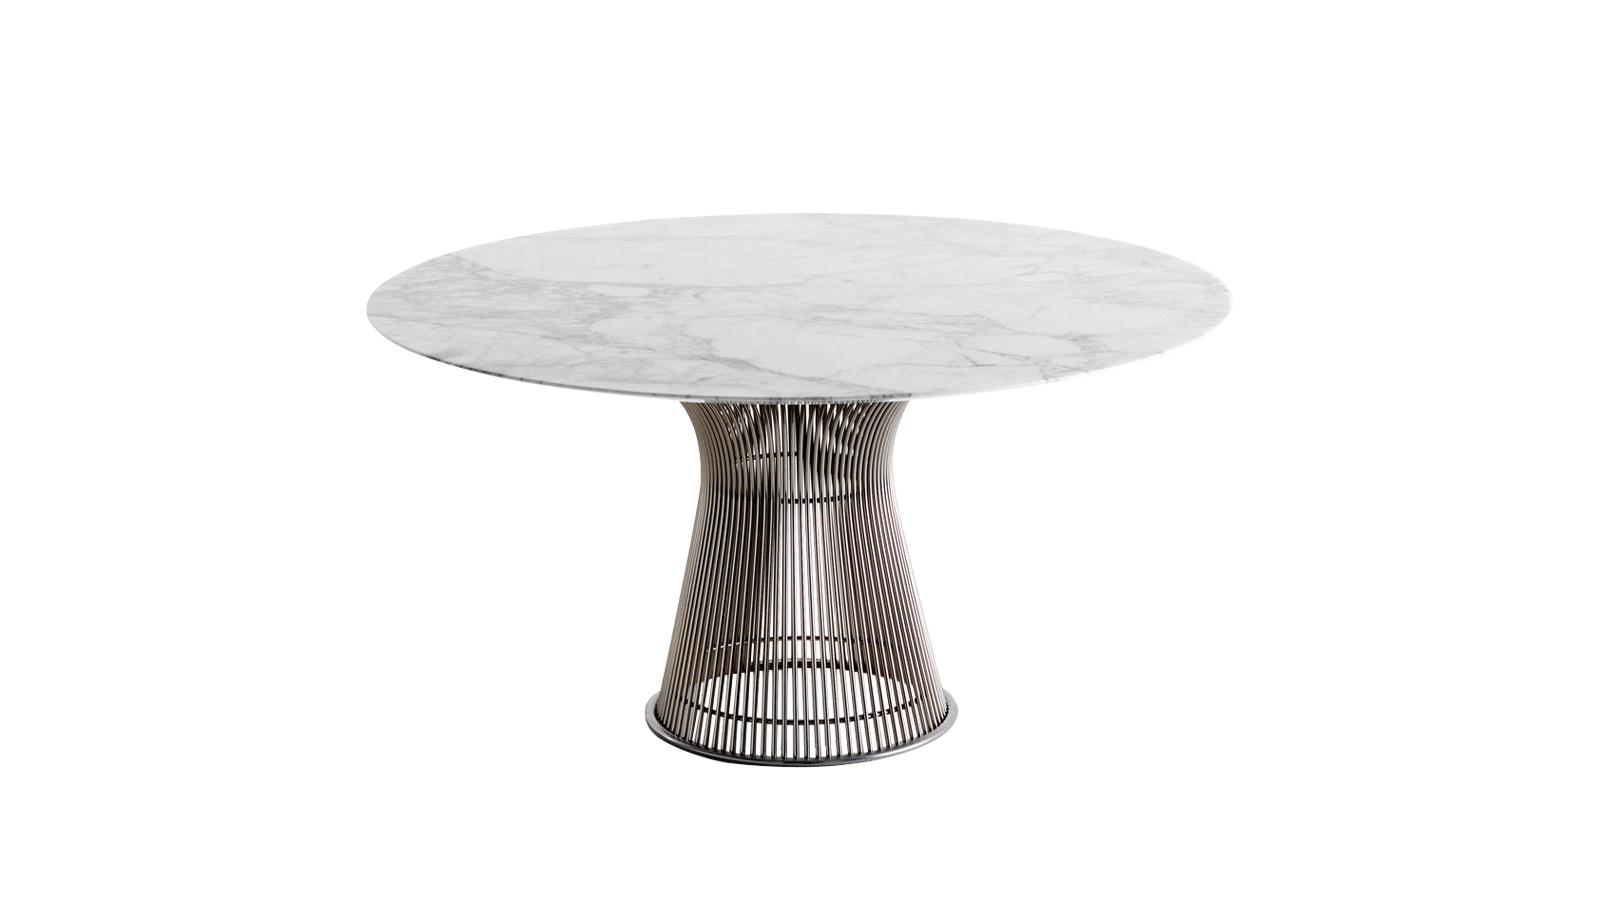 Már 1966-ban megörökítette a Platner kollekció azt a dekoratív, szelíd, kecses formavilágot, amely a modern designnak köszönhetően manapság is oly trendi. A korát megelező bútorok több száz ívelt acélrúdból állnak össze elegáns, finom kompozícióvá. A szépség és kényelem testesül meg a Platner asztalokban, melyeket egyértelműen használatra találtak ki.